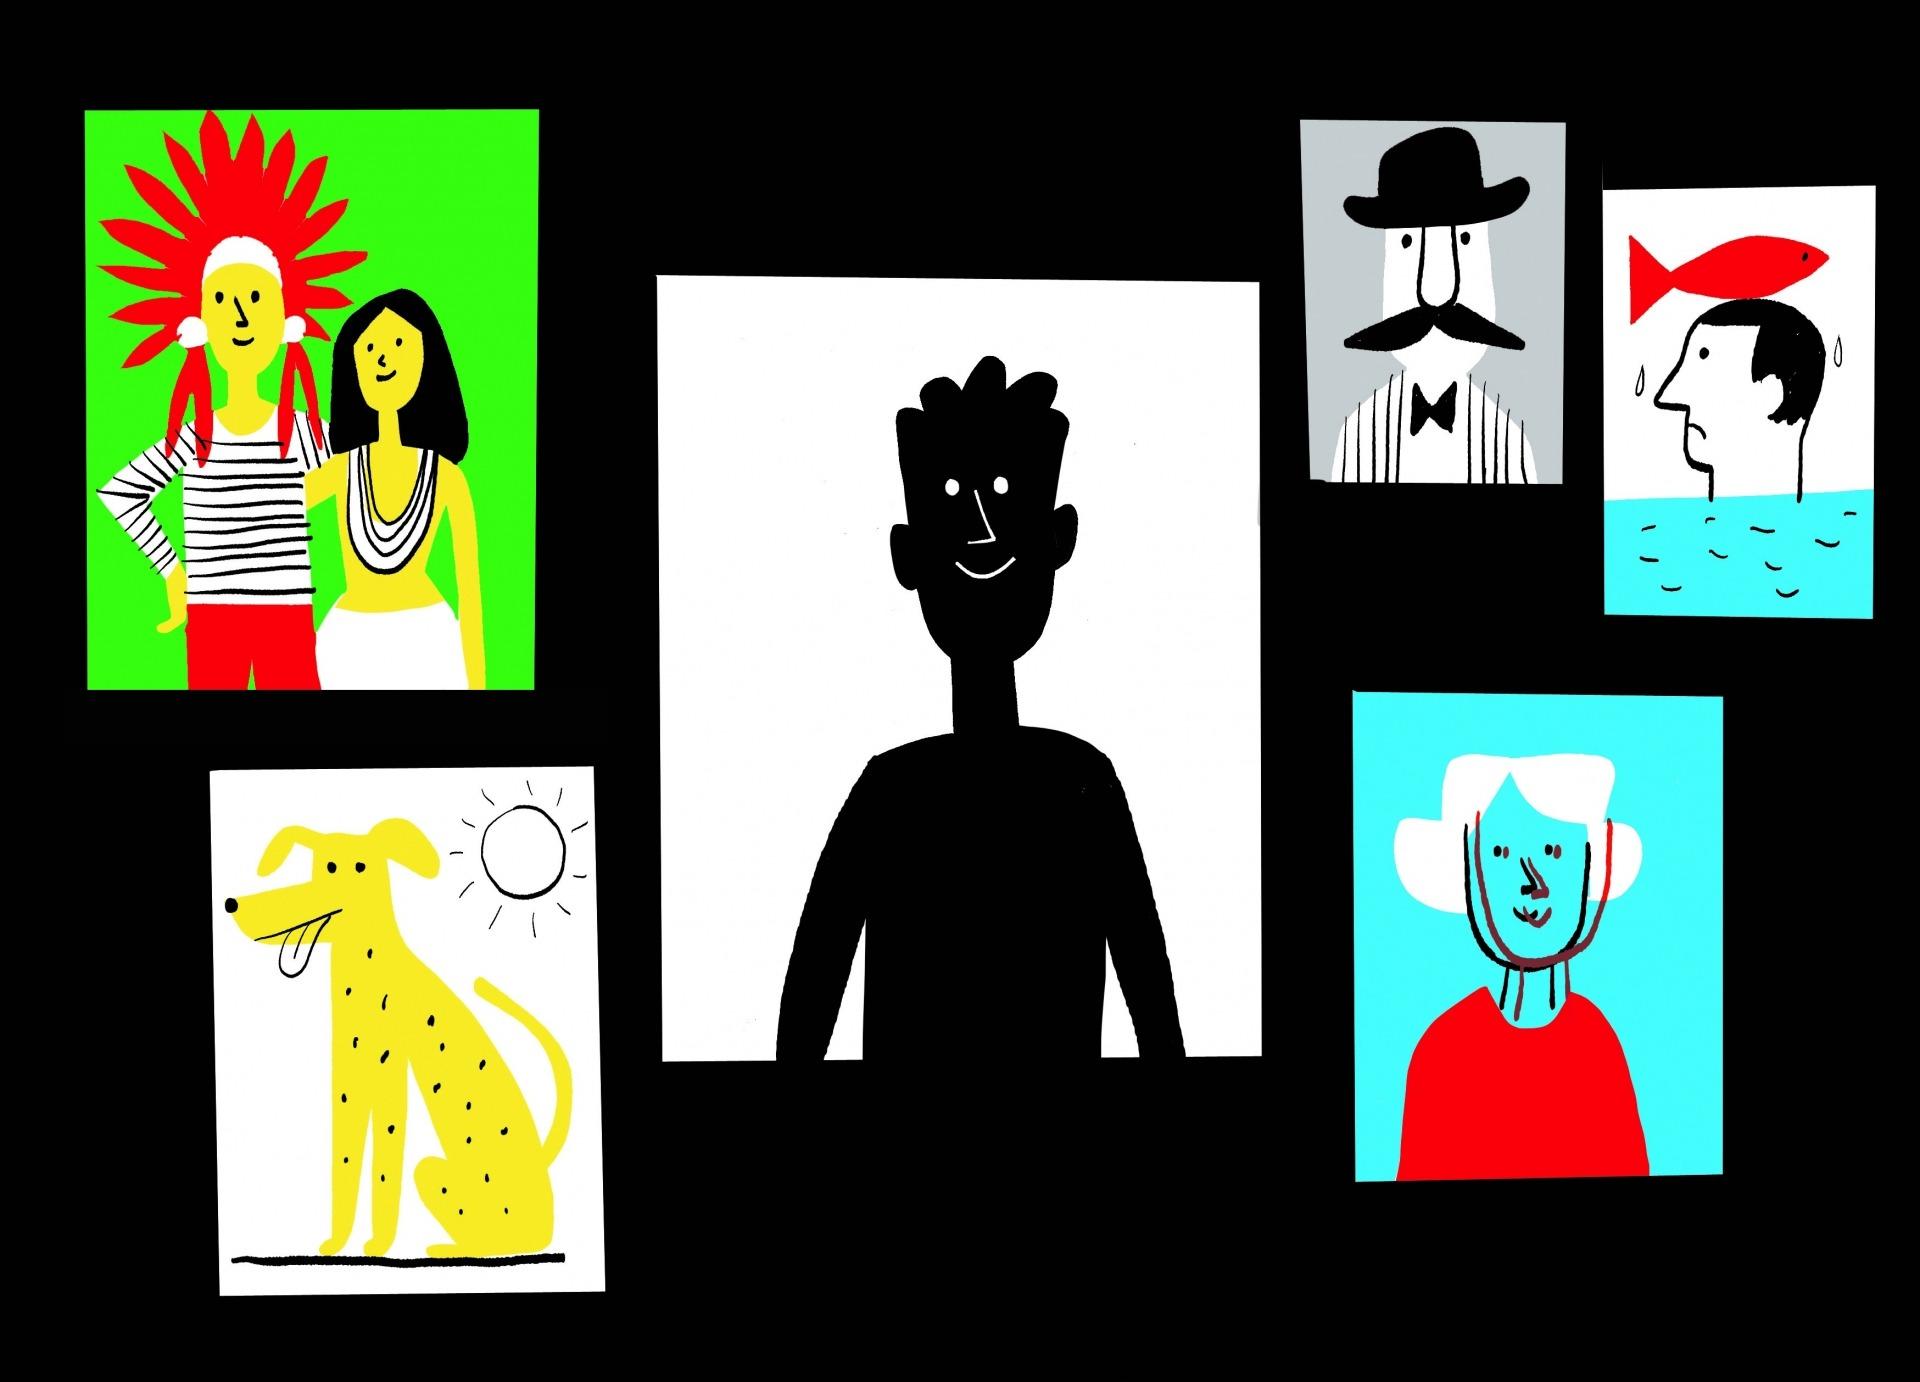 Ilustração de João Fazenda de uma parede com cinco fotografias.